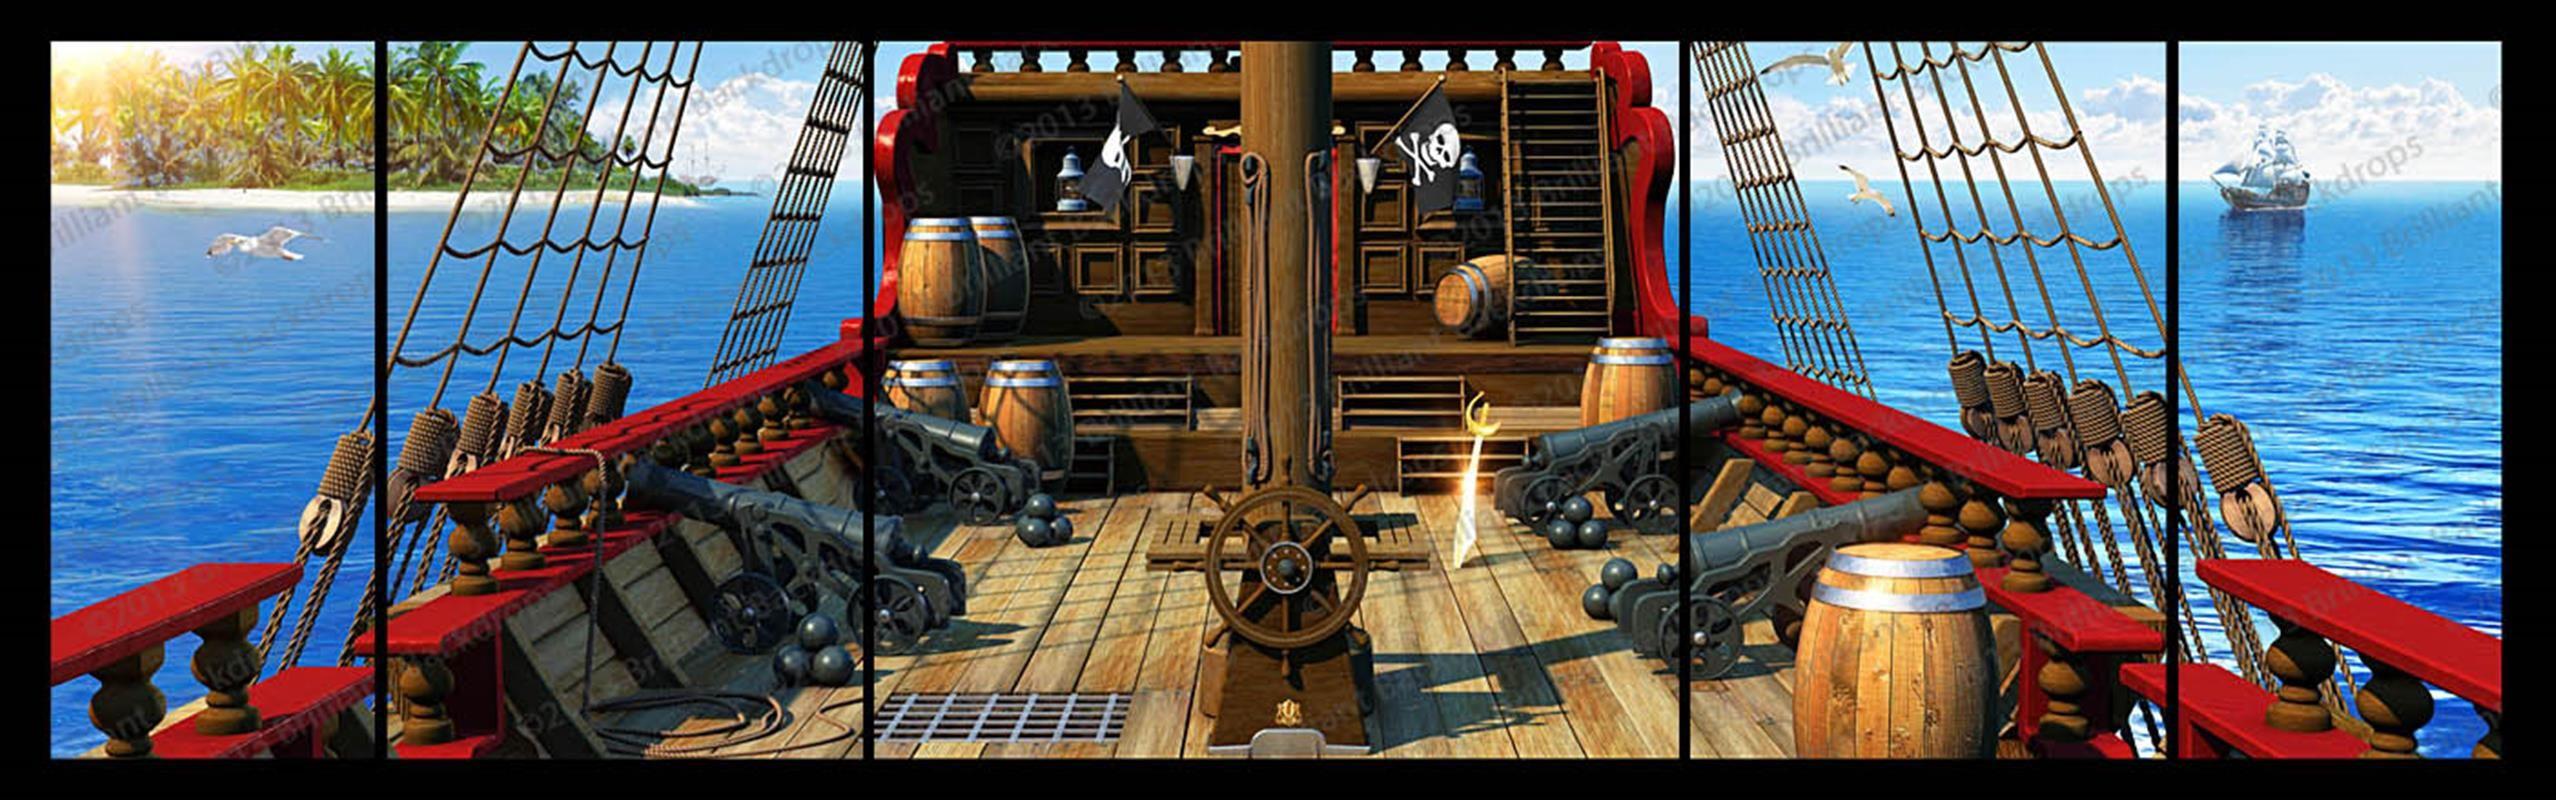 Pirate Ship Deck Backdrop pirate-ship-backdrop.j...